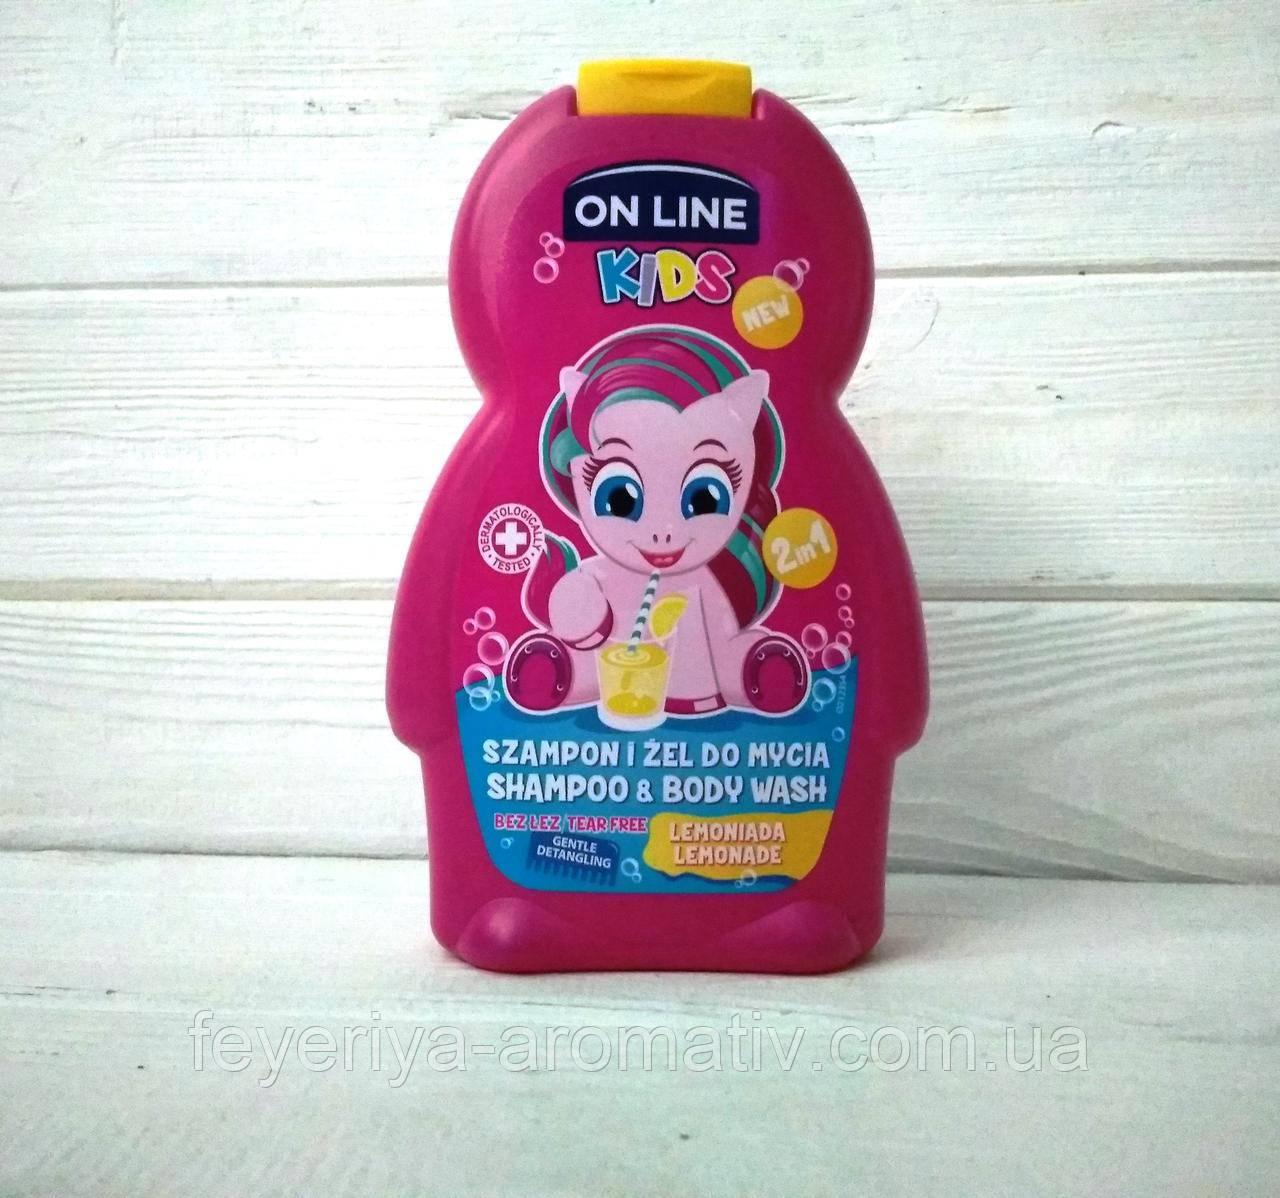 Детский шампунь и гель для мытья On Line Kids 3+ 250 гр (Польша) лимонад